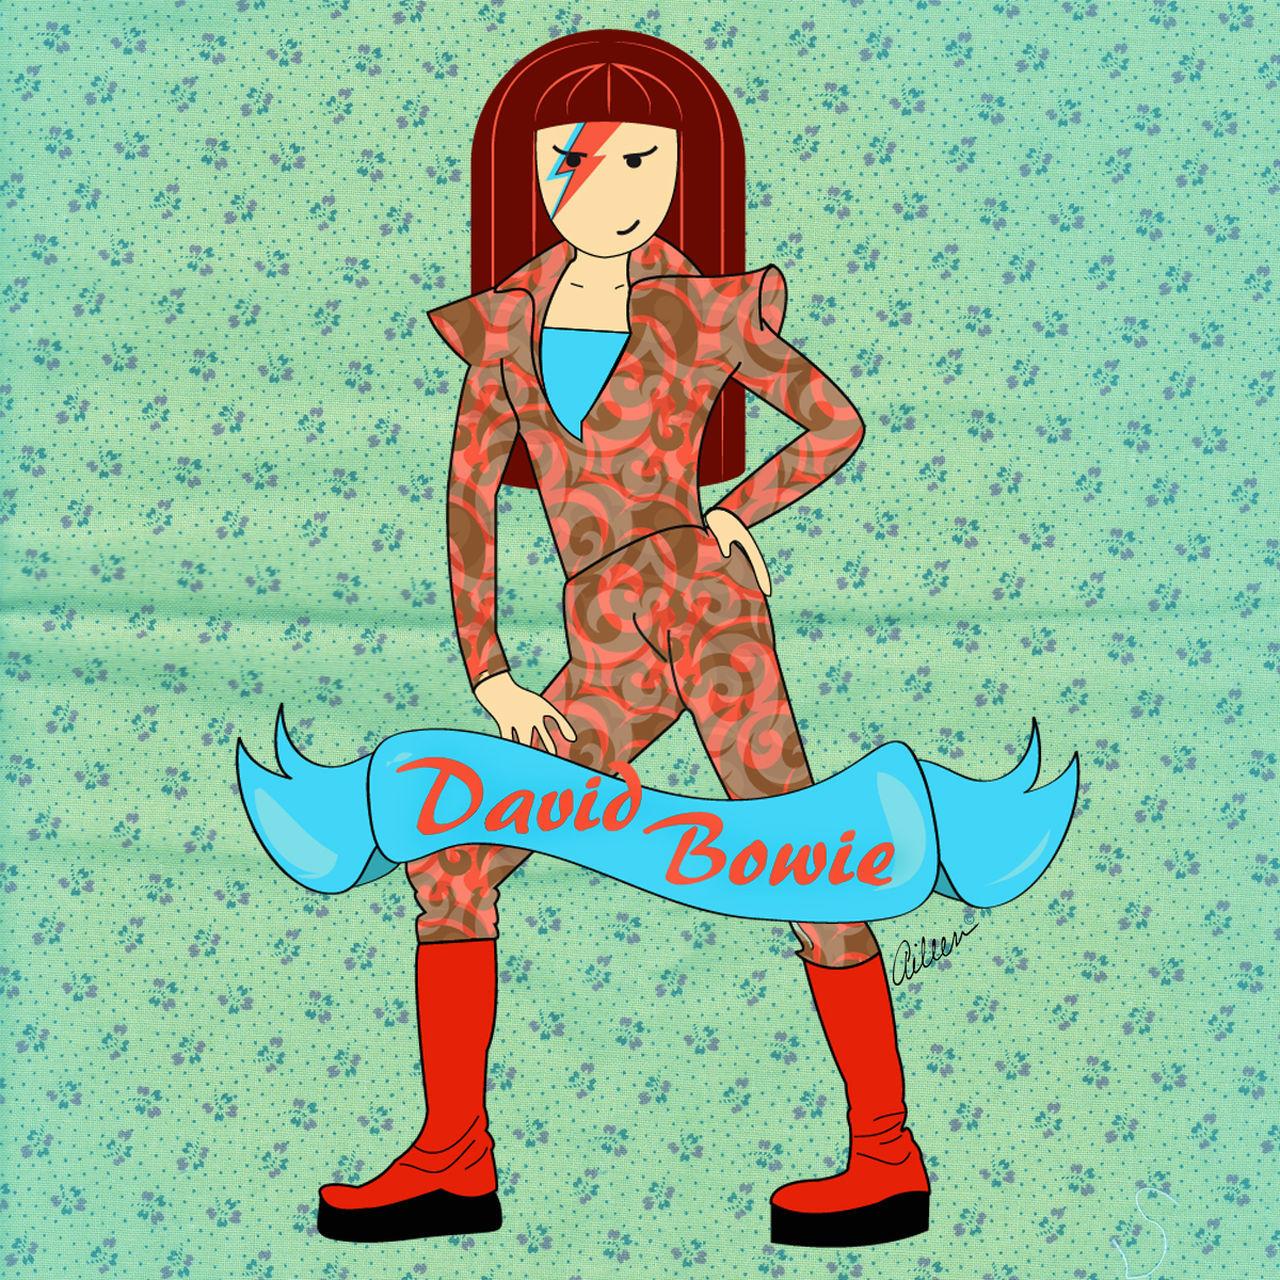 David Bowie - La Malota® www.facebook.com/lamalotaofficial #DavidBowie #fanart